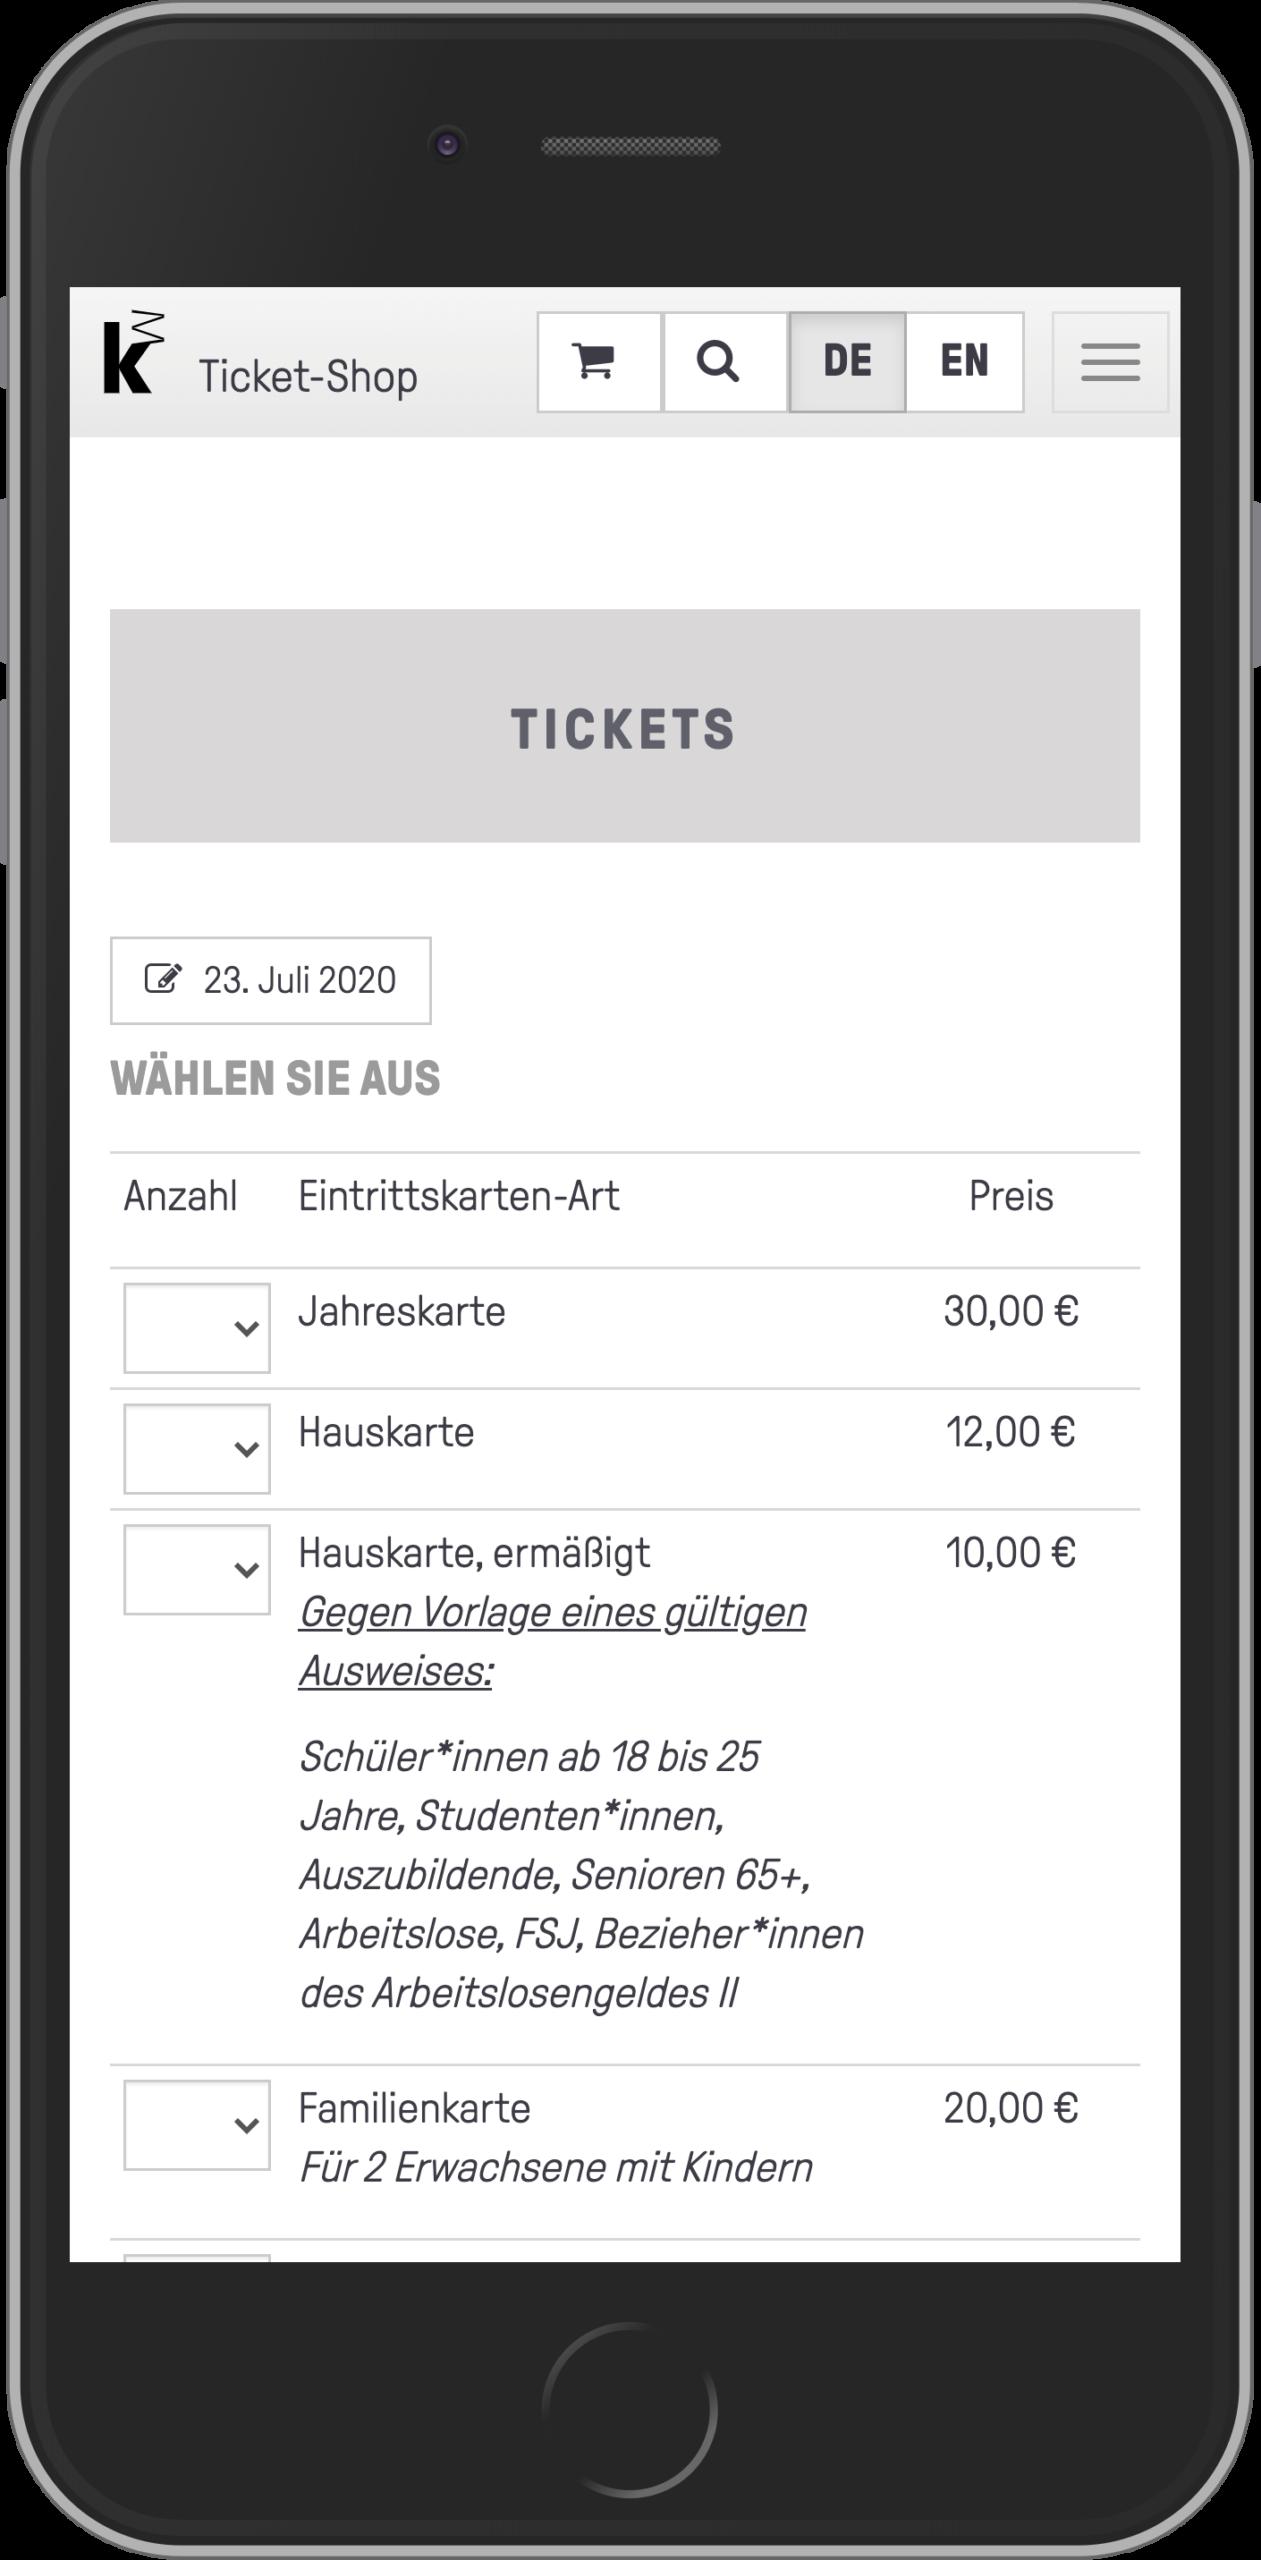 Mobile Ansicht der Ticketauswahl im Ticketkaufvorgang des Online-Shops der Kunsthalle Mannheim